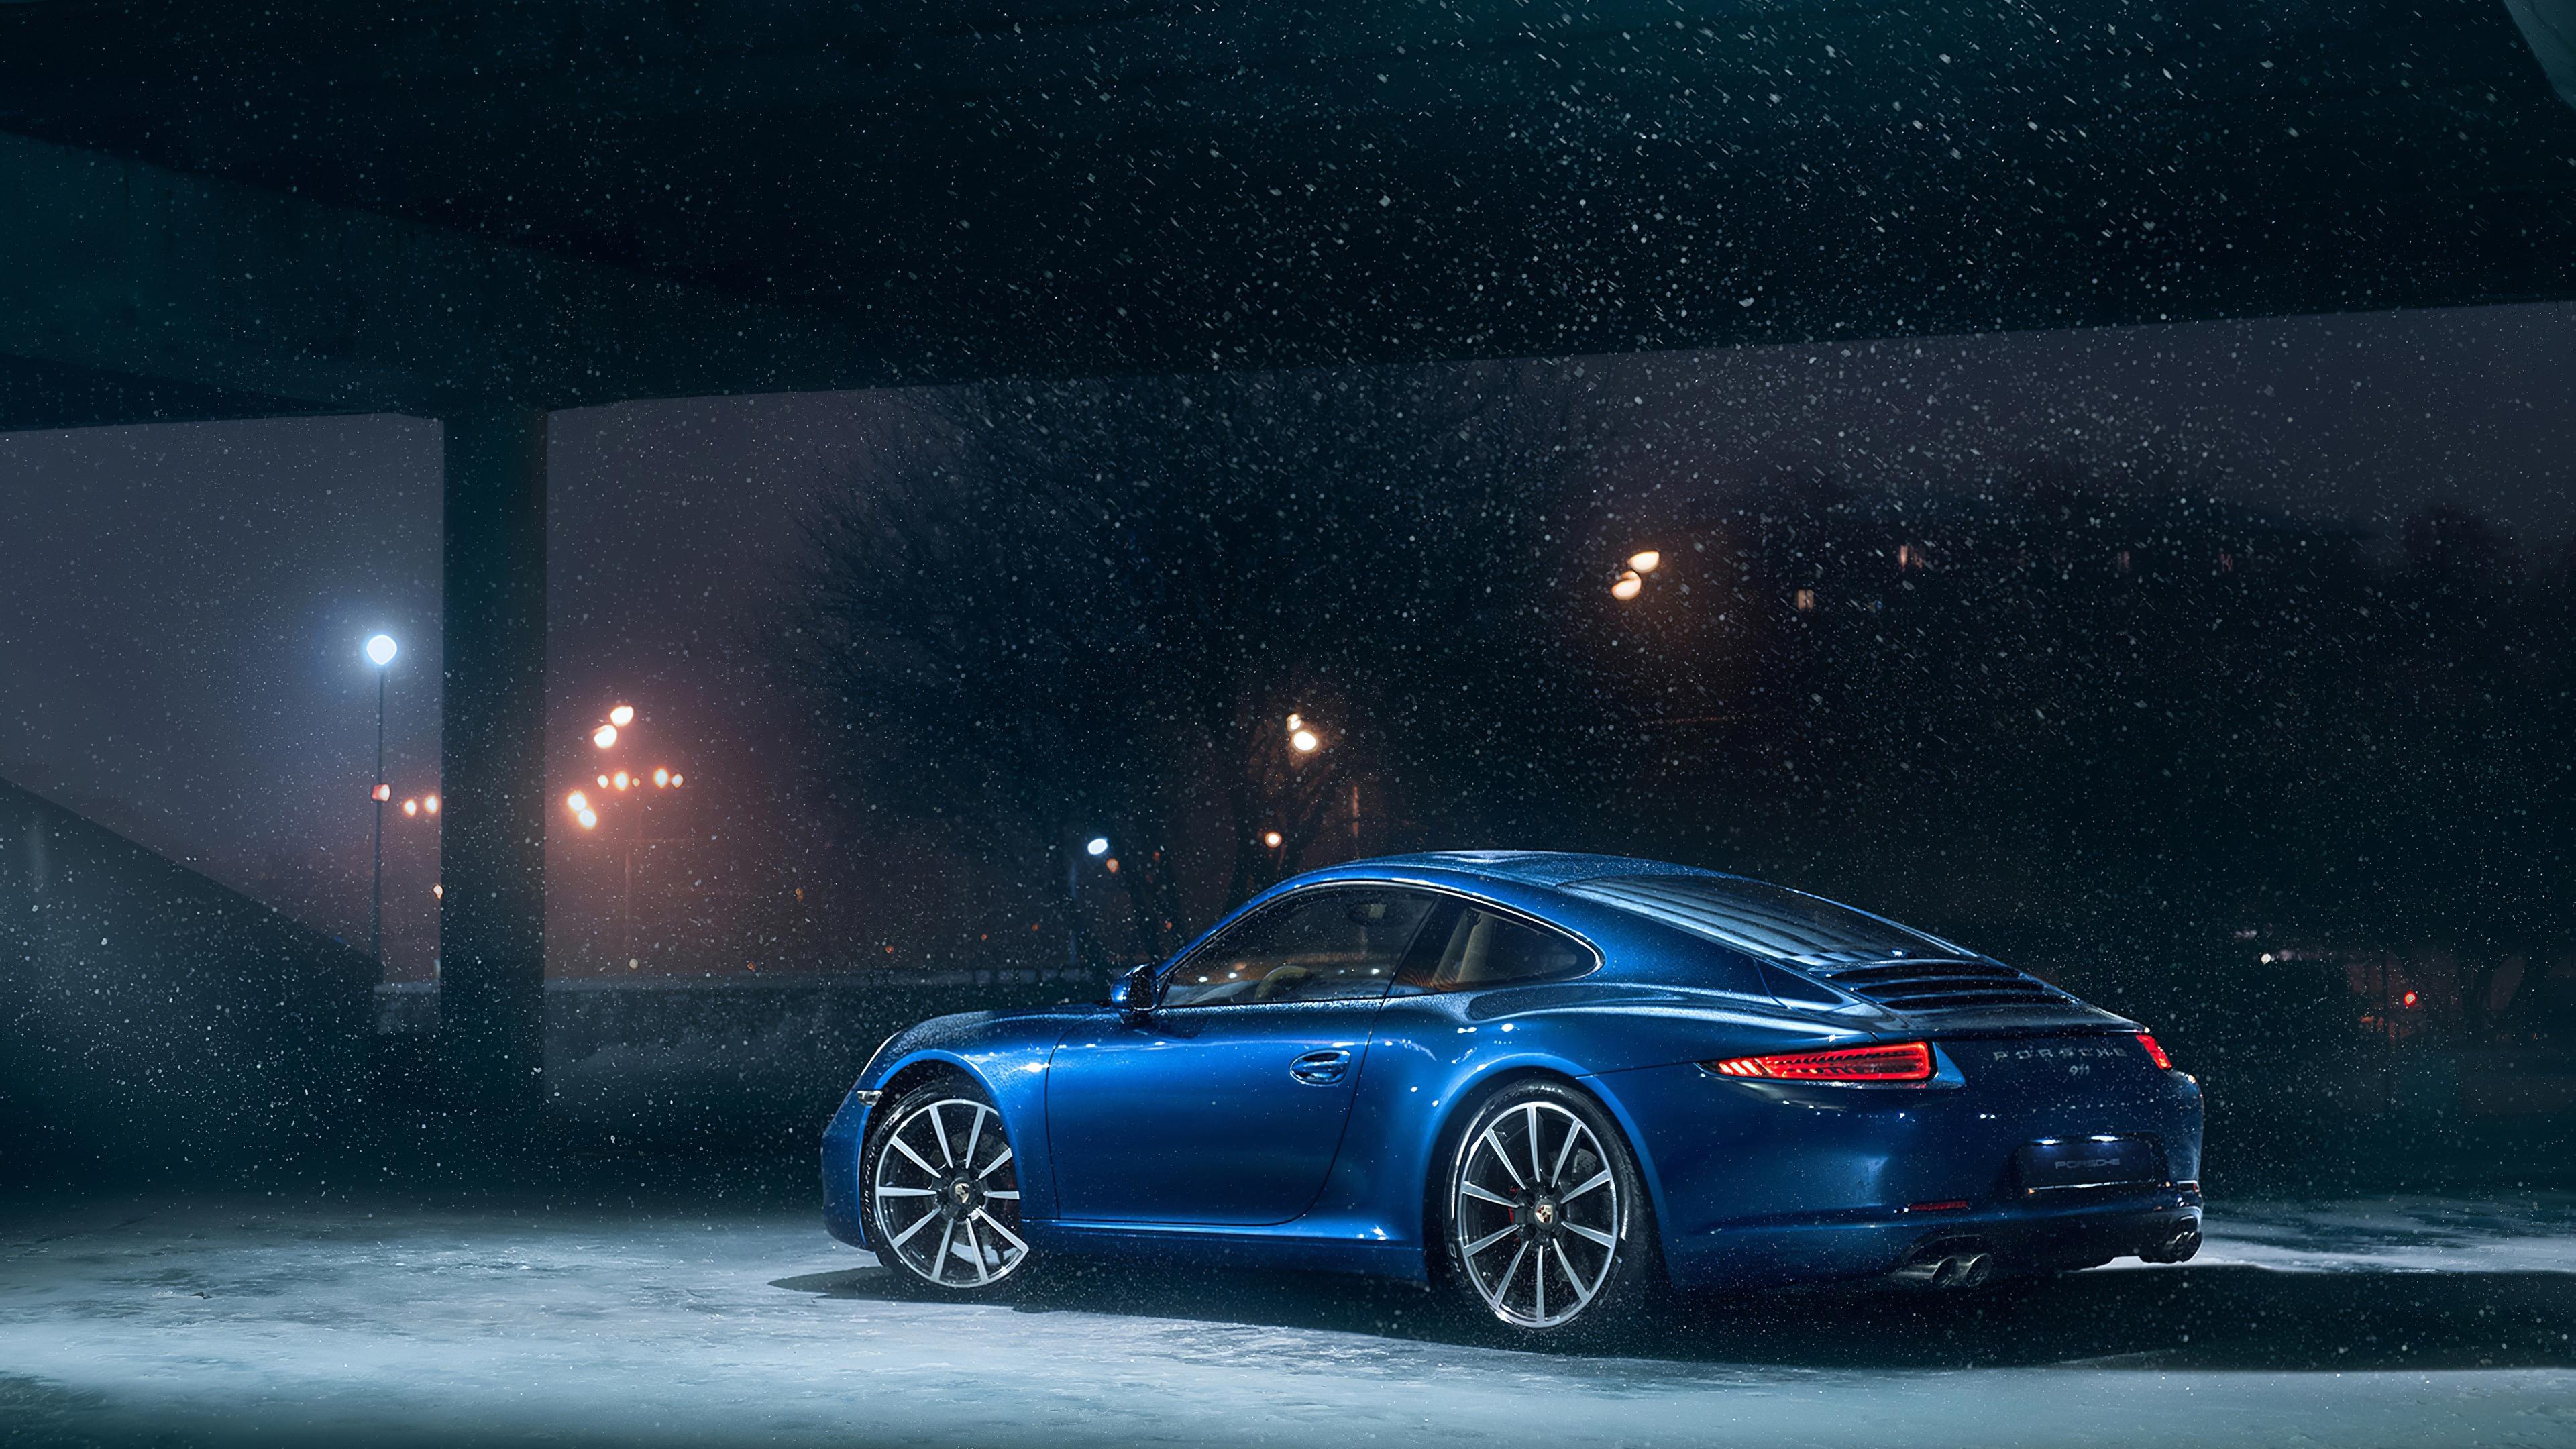 3840x2160 Porsche 911 In Snow 4k HD 4k Wallpapers, Images ...